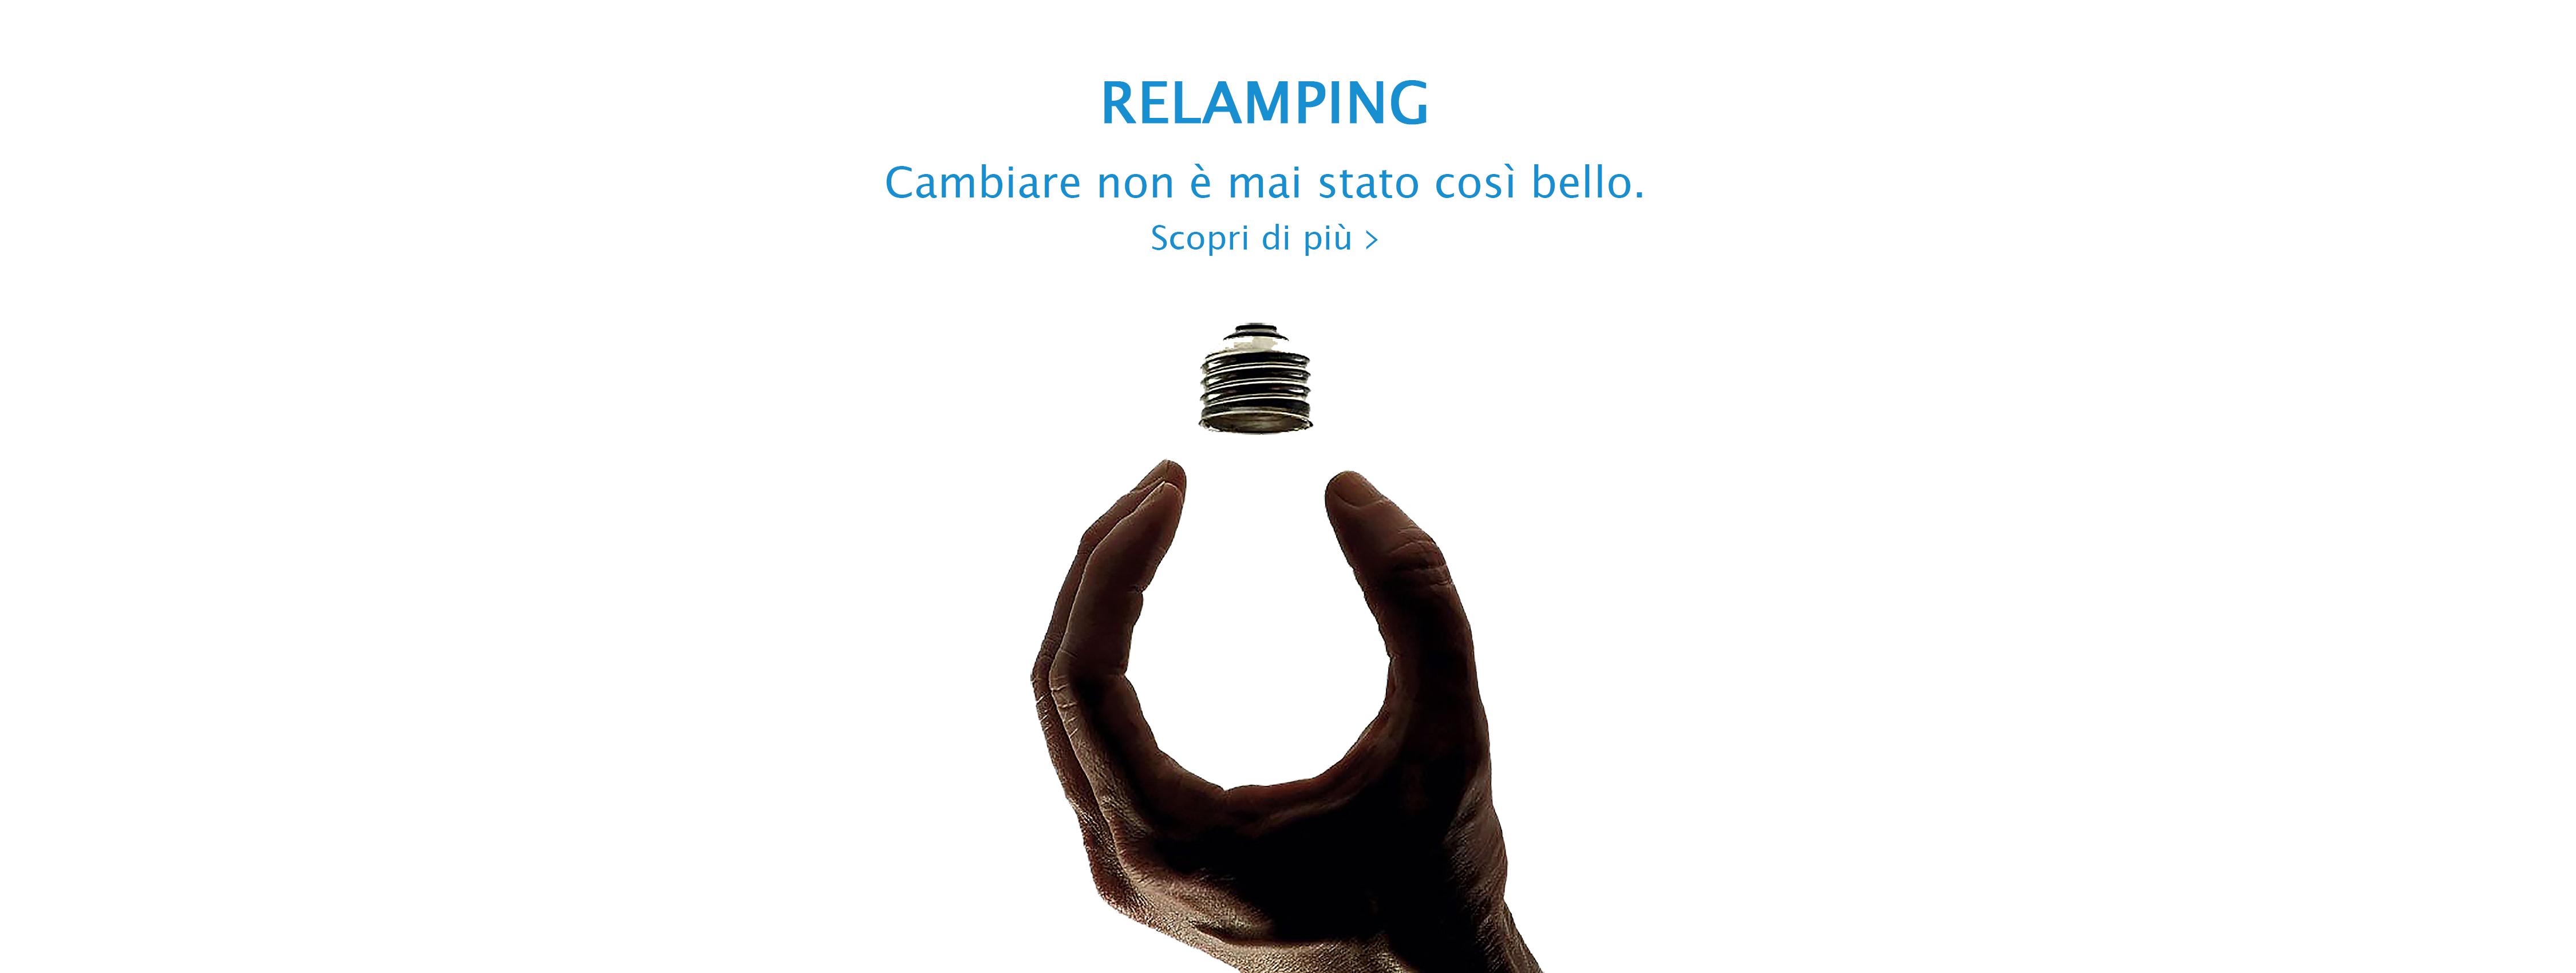 relamping